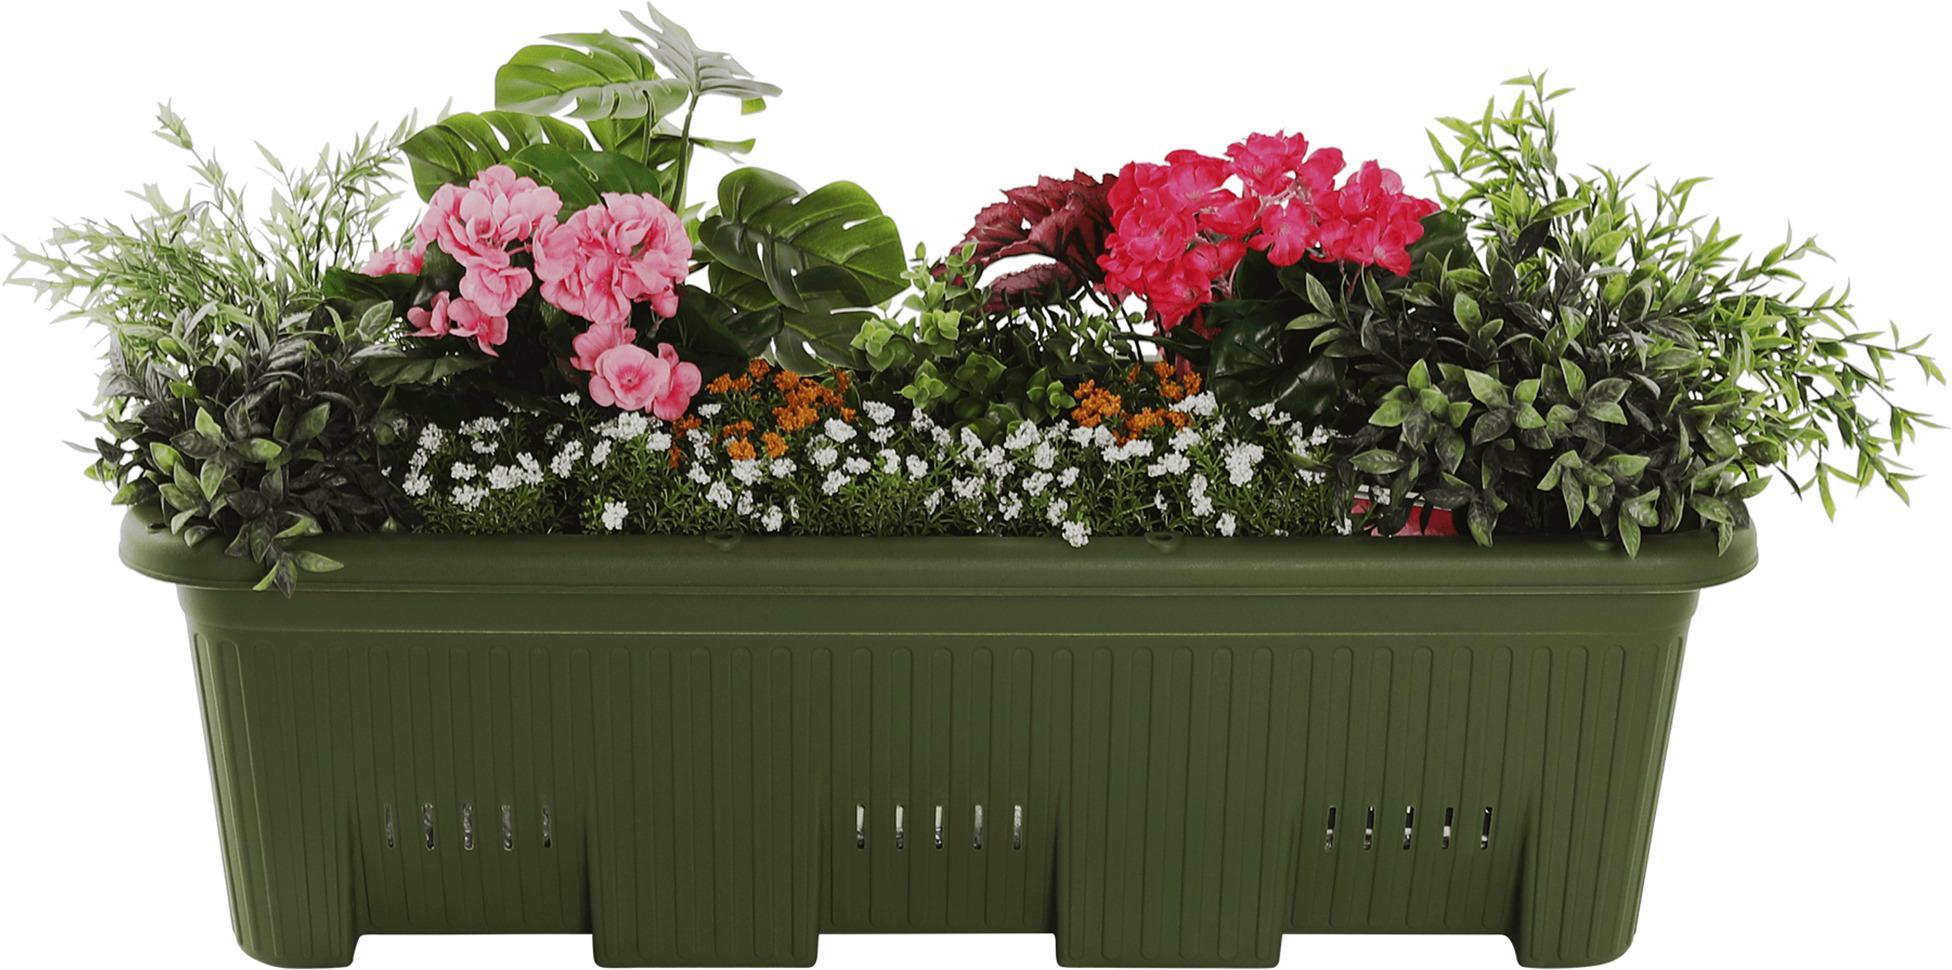 Kvetináč, plast, tmavozelená, LIDOF